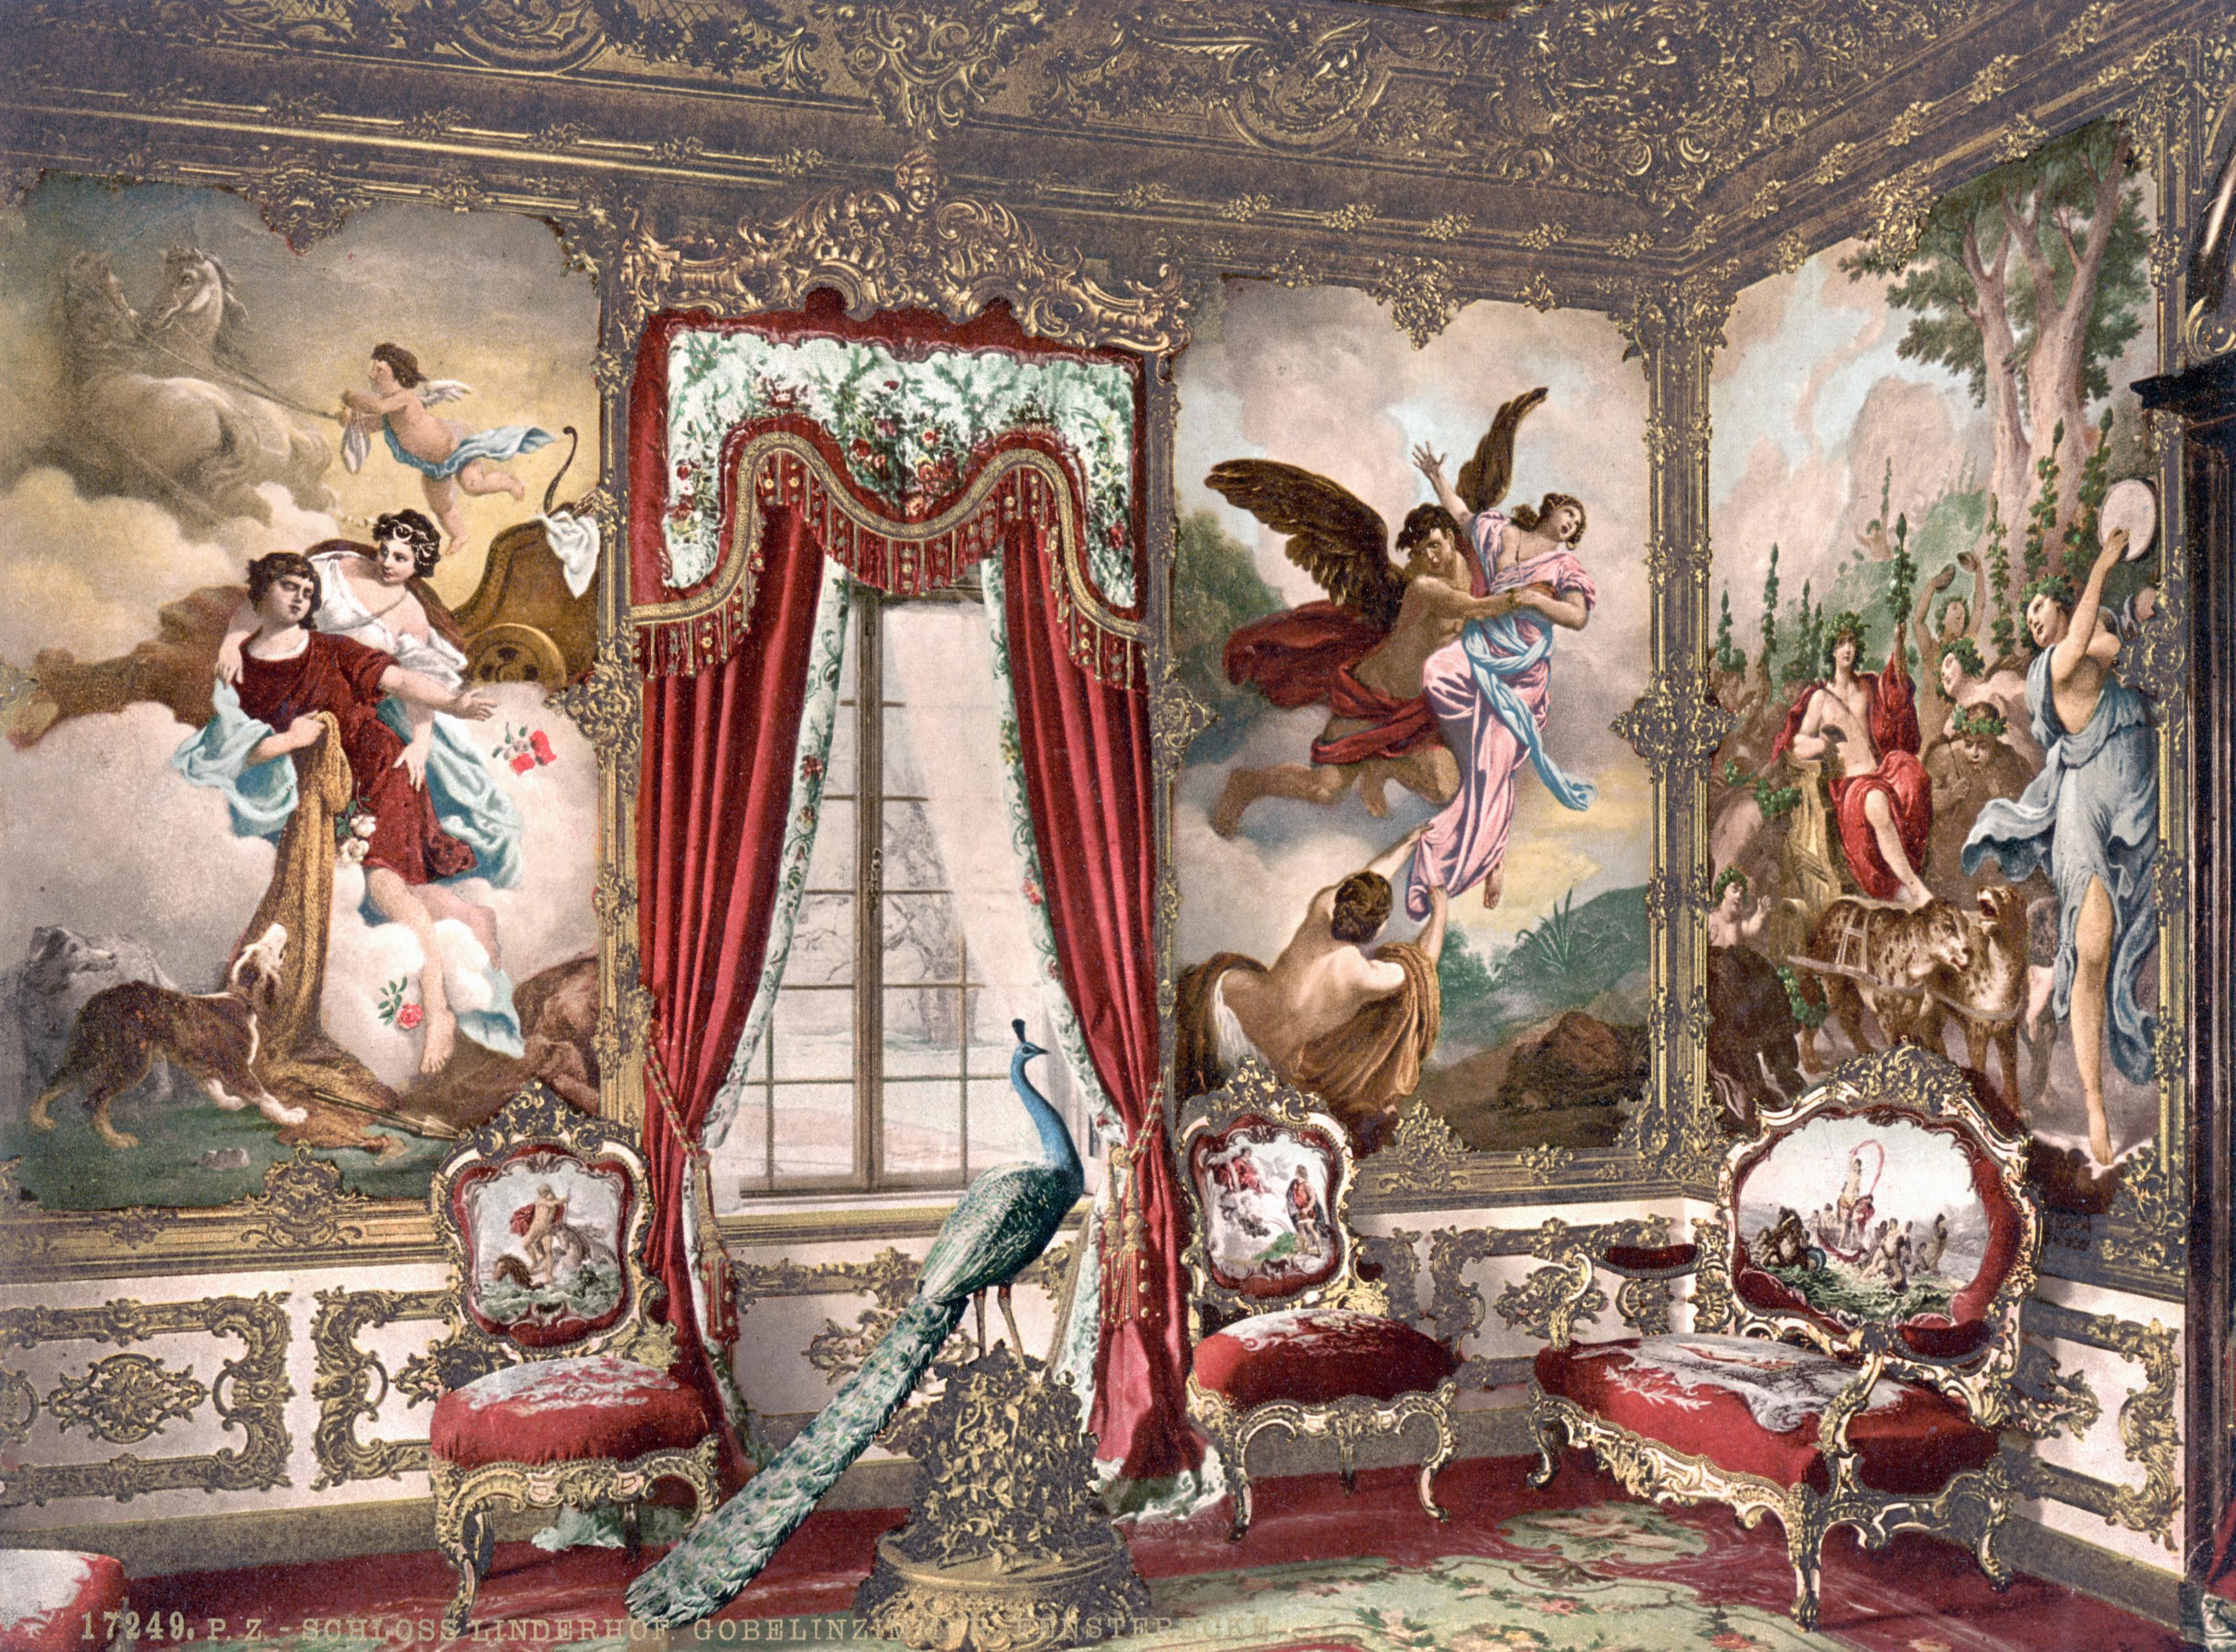 Действие происходит в мастерской по производству гобеленов.  В красавицу Марию Мануэлу влюбляется аристократ Гонсало.